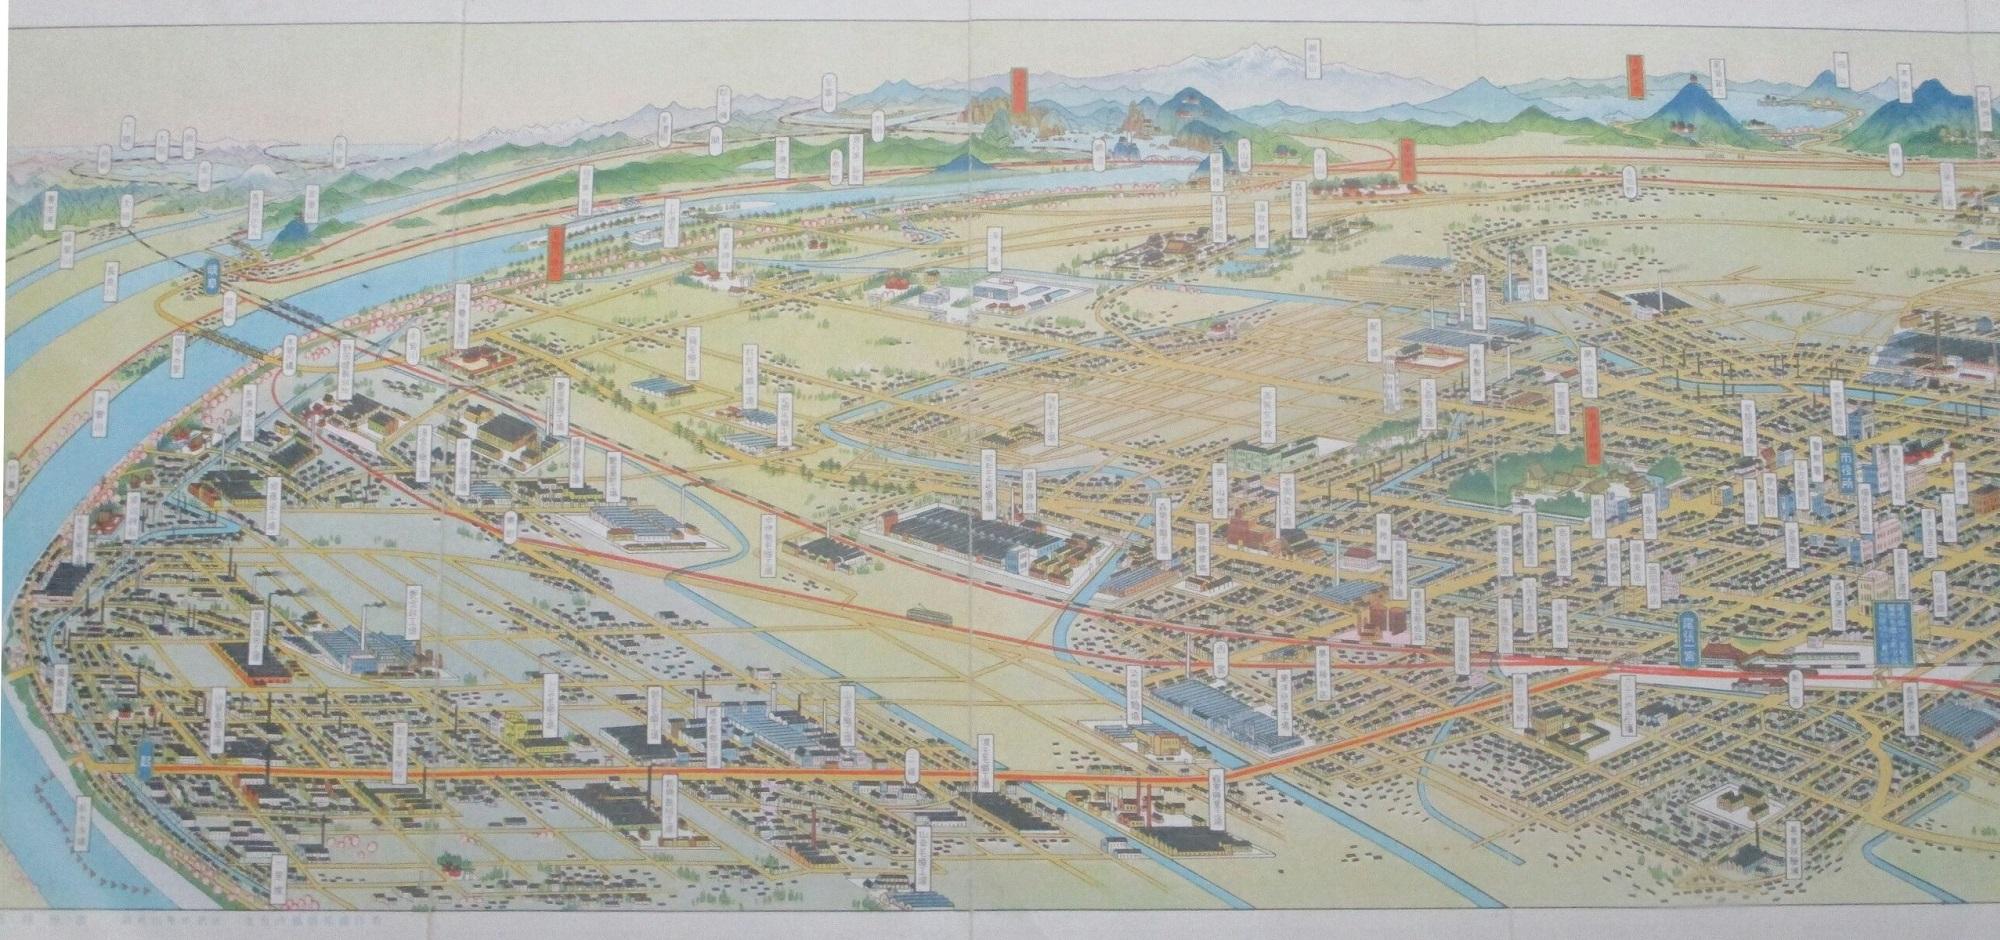 2019.7.10 (7) 尾西歴史民俗資料館 - 一宮市鳥瞰図 2000-940